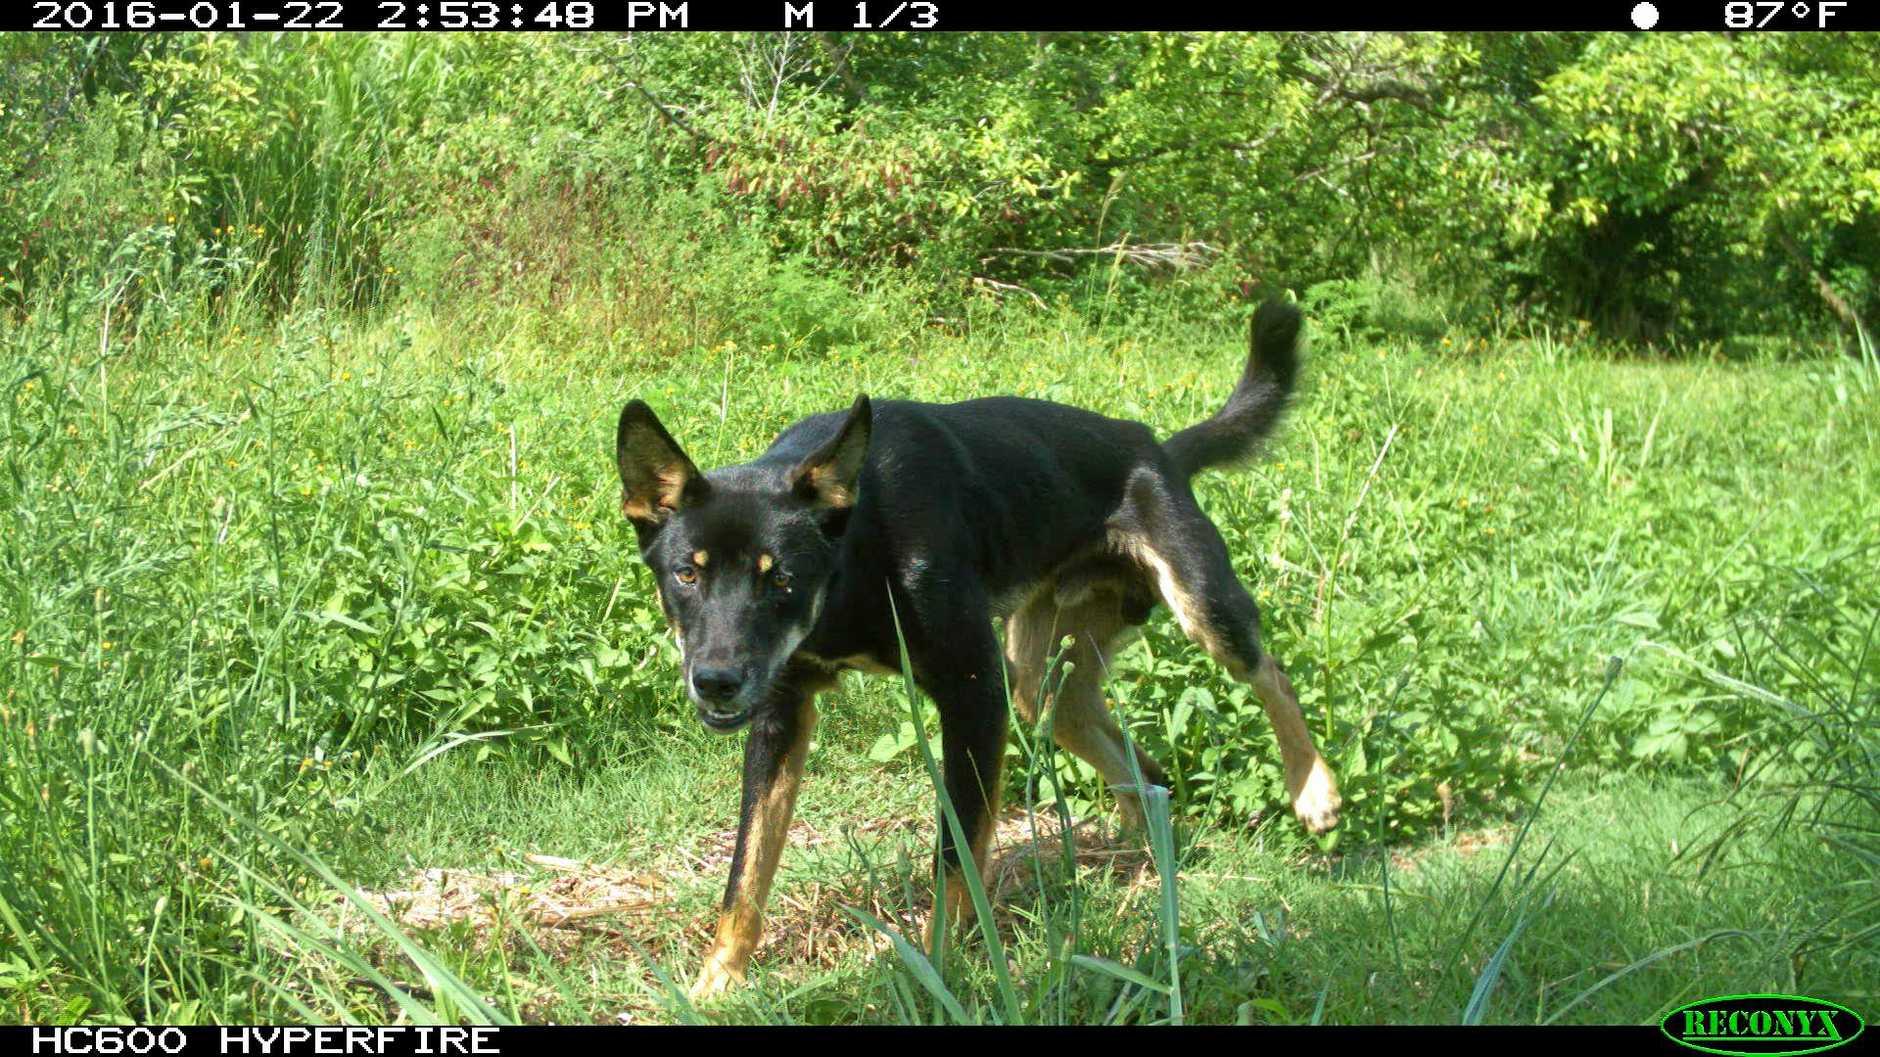 NCLLS - Black wild dog surveillance image.